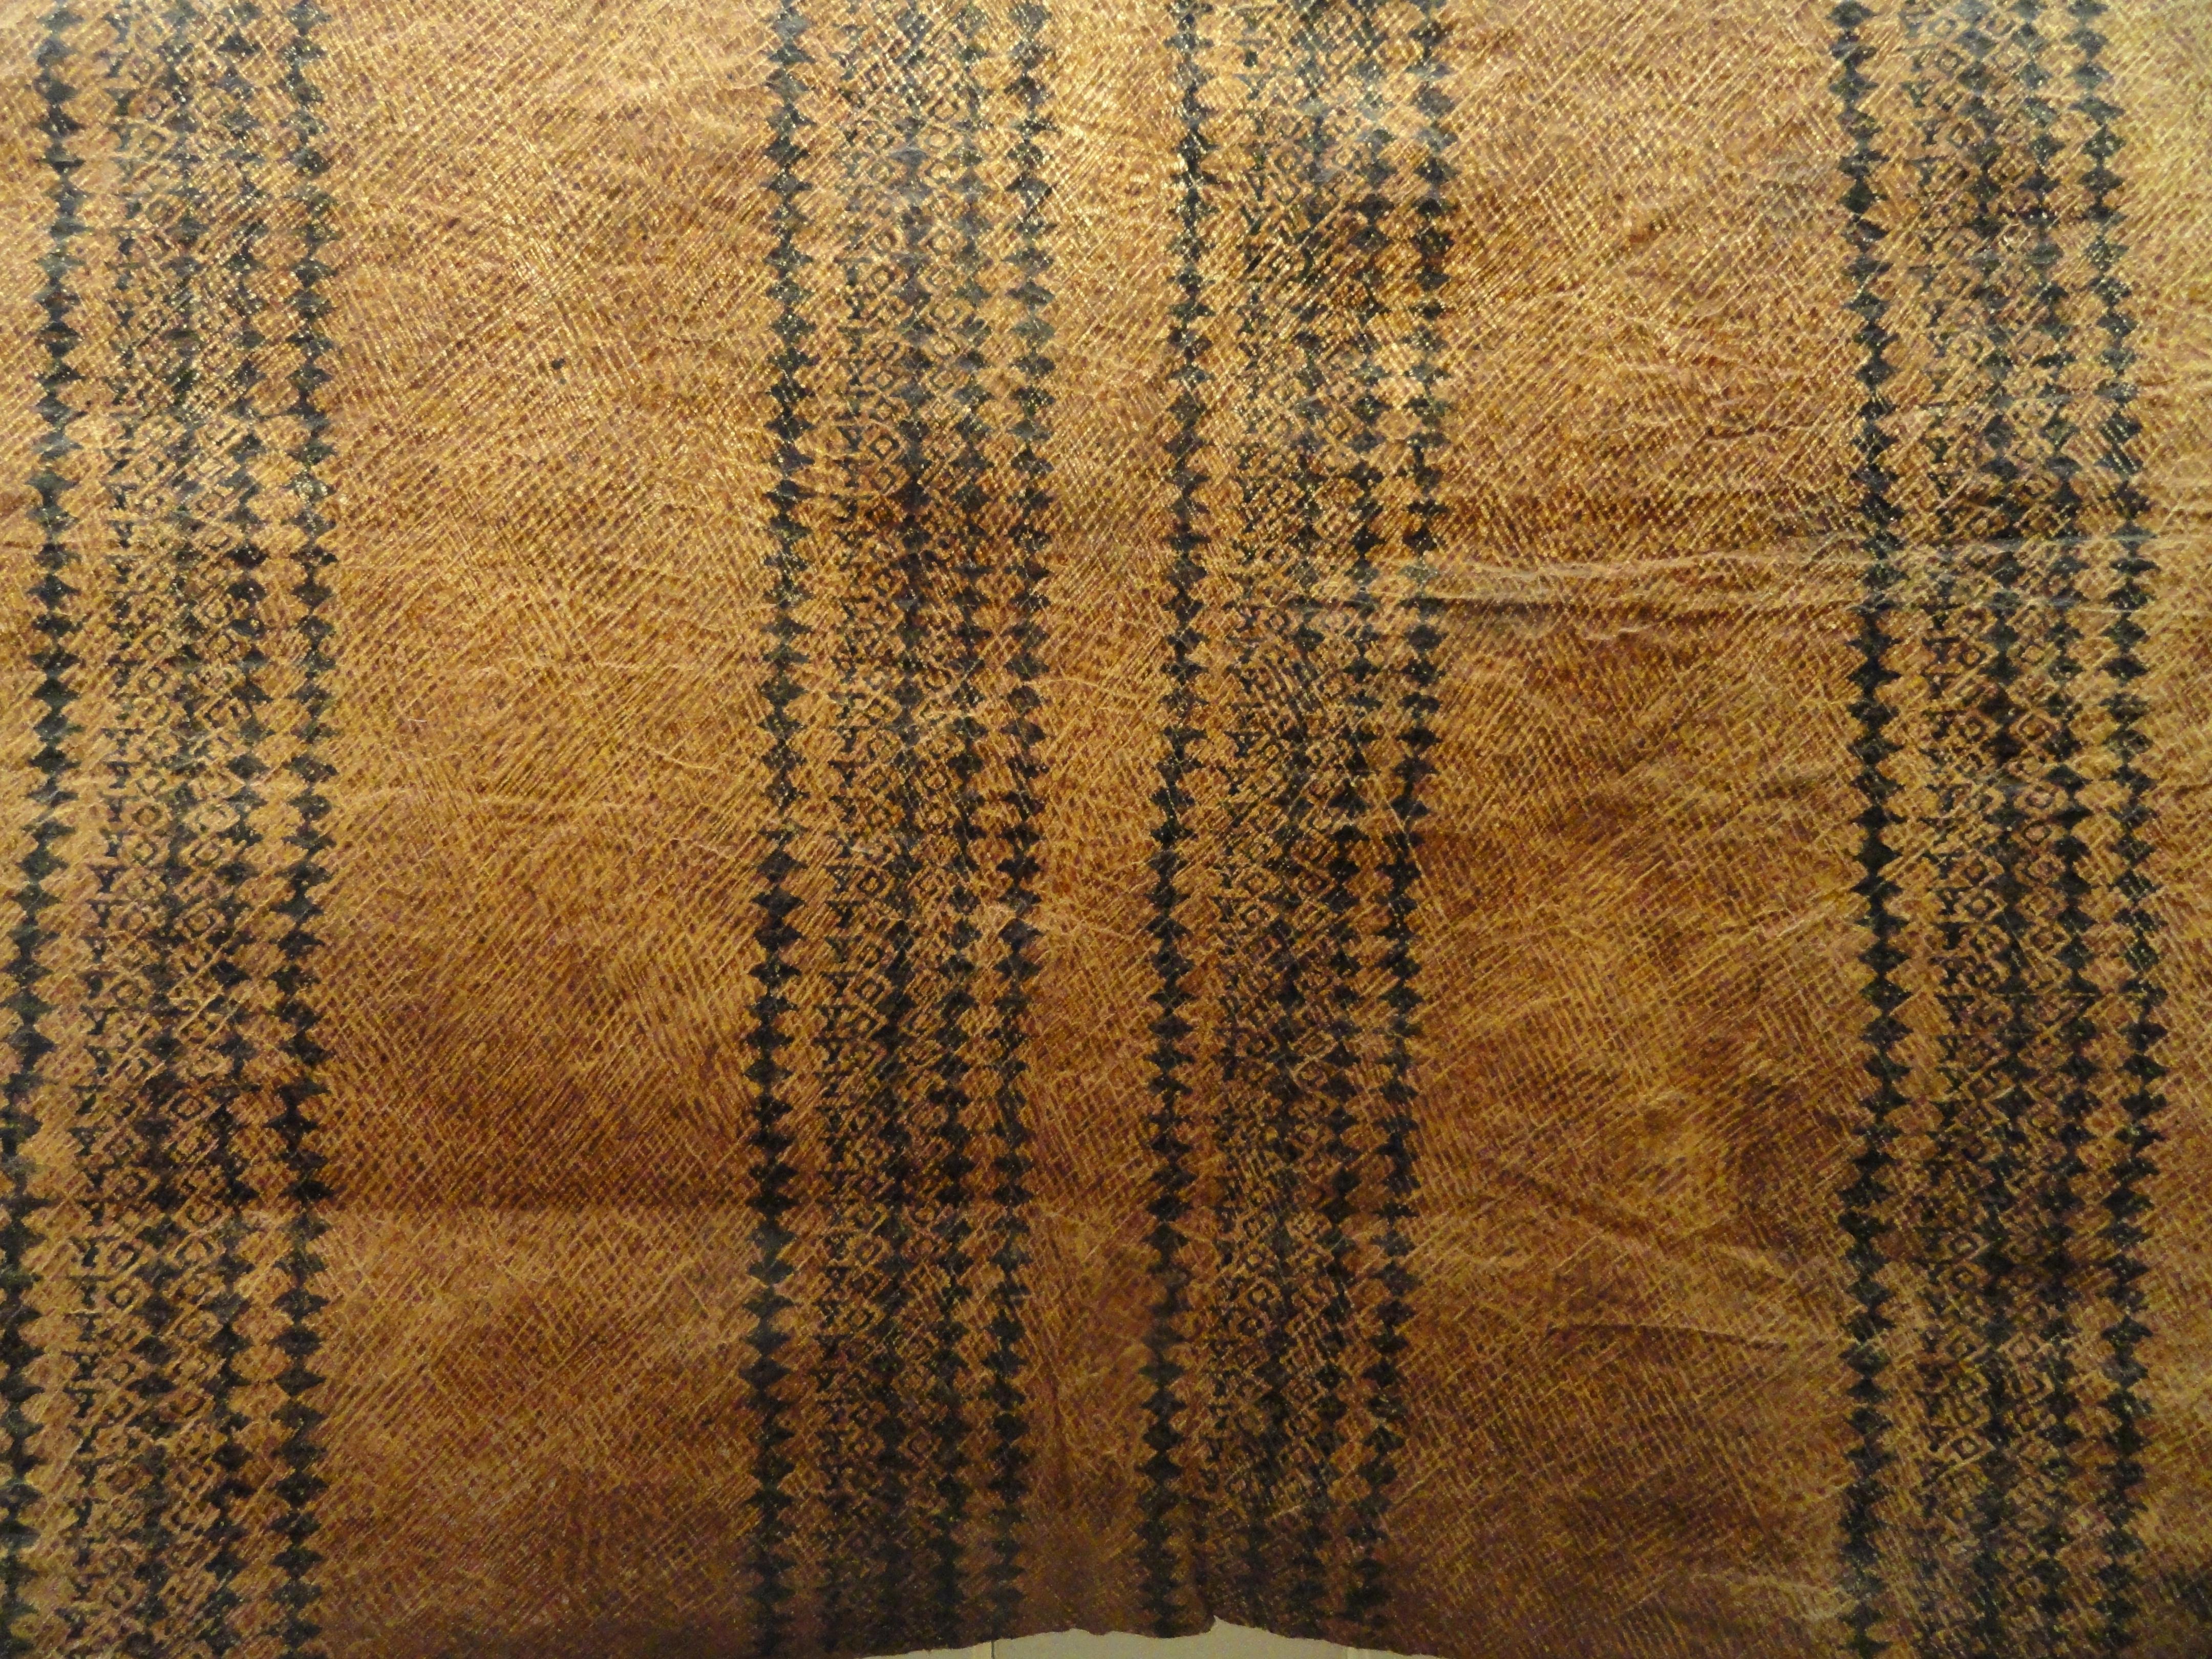 File:Kapa or Tapa cloth, Hawaii, collected before 1890 ...